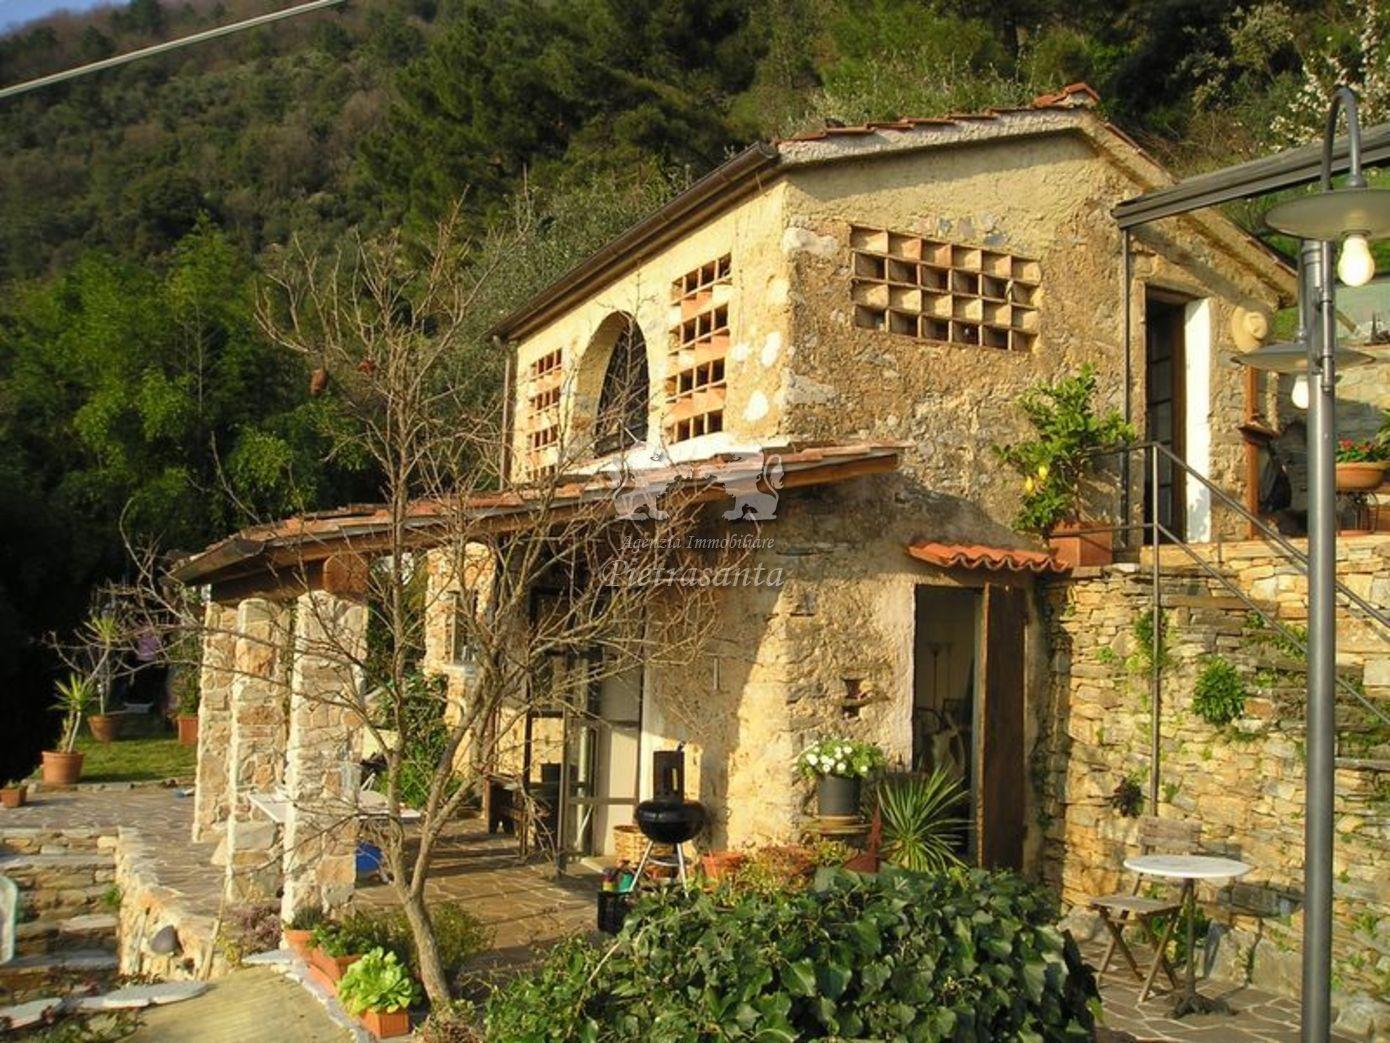 Rustico in vendita a pietrasanta il giardino d - Giardino d inverno prezzo ...